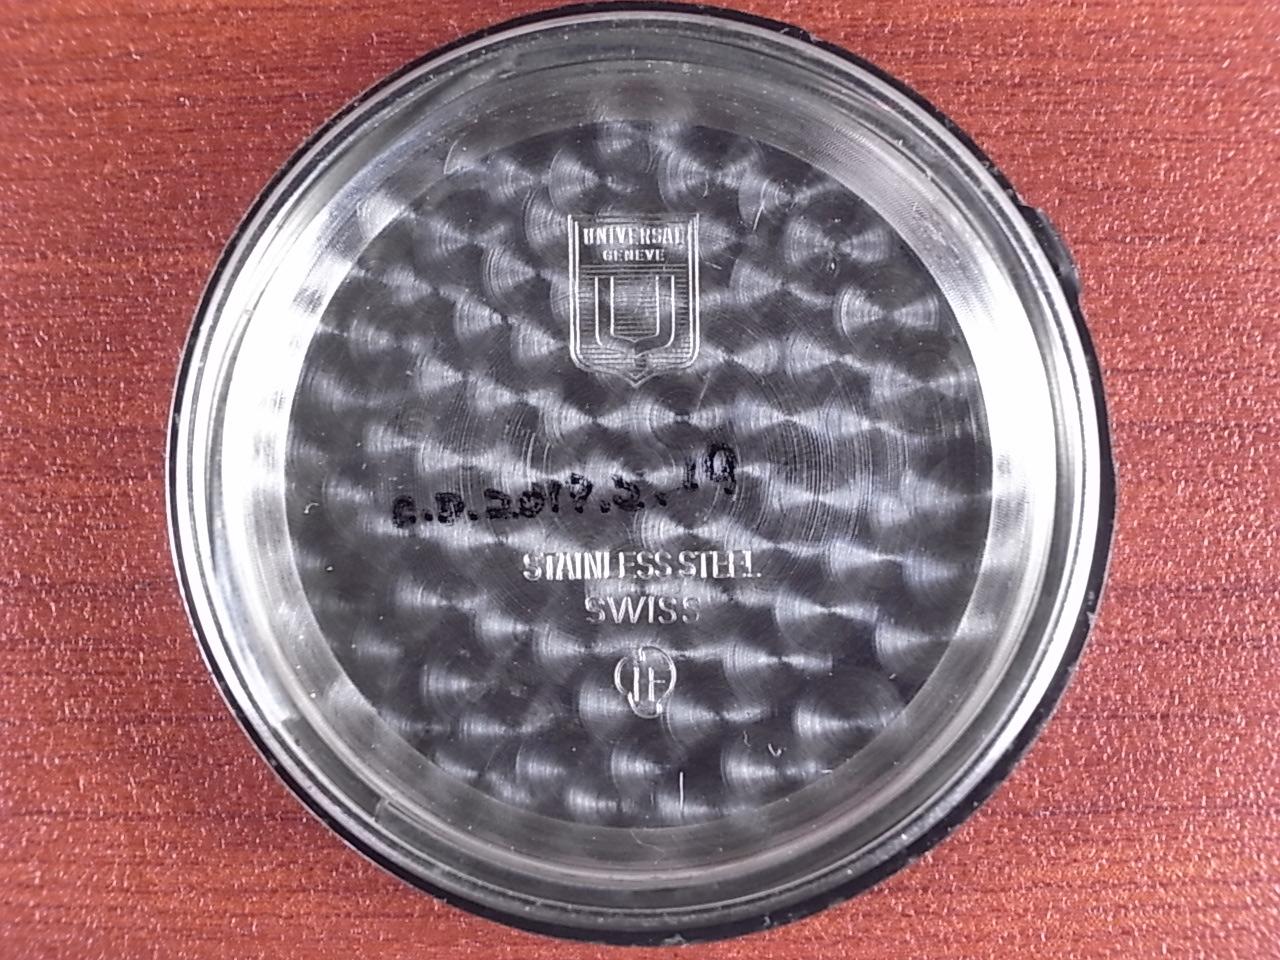 ユニバーサル・ジュネーブ トリコンパックス クロノグラフ 1960年代の写真6枚目